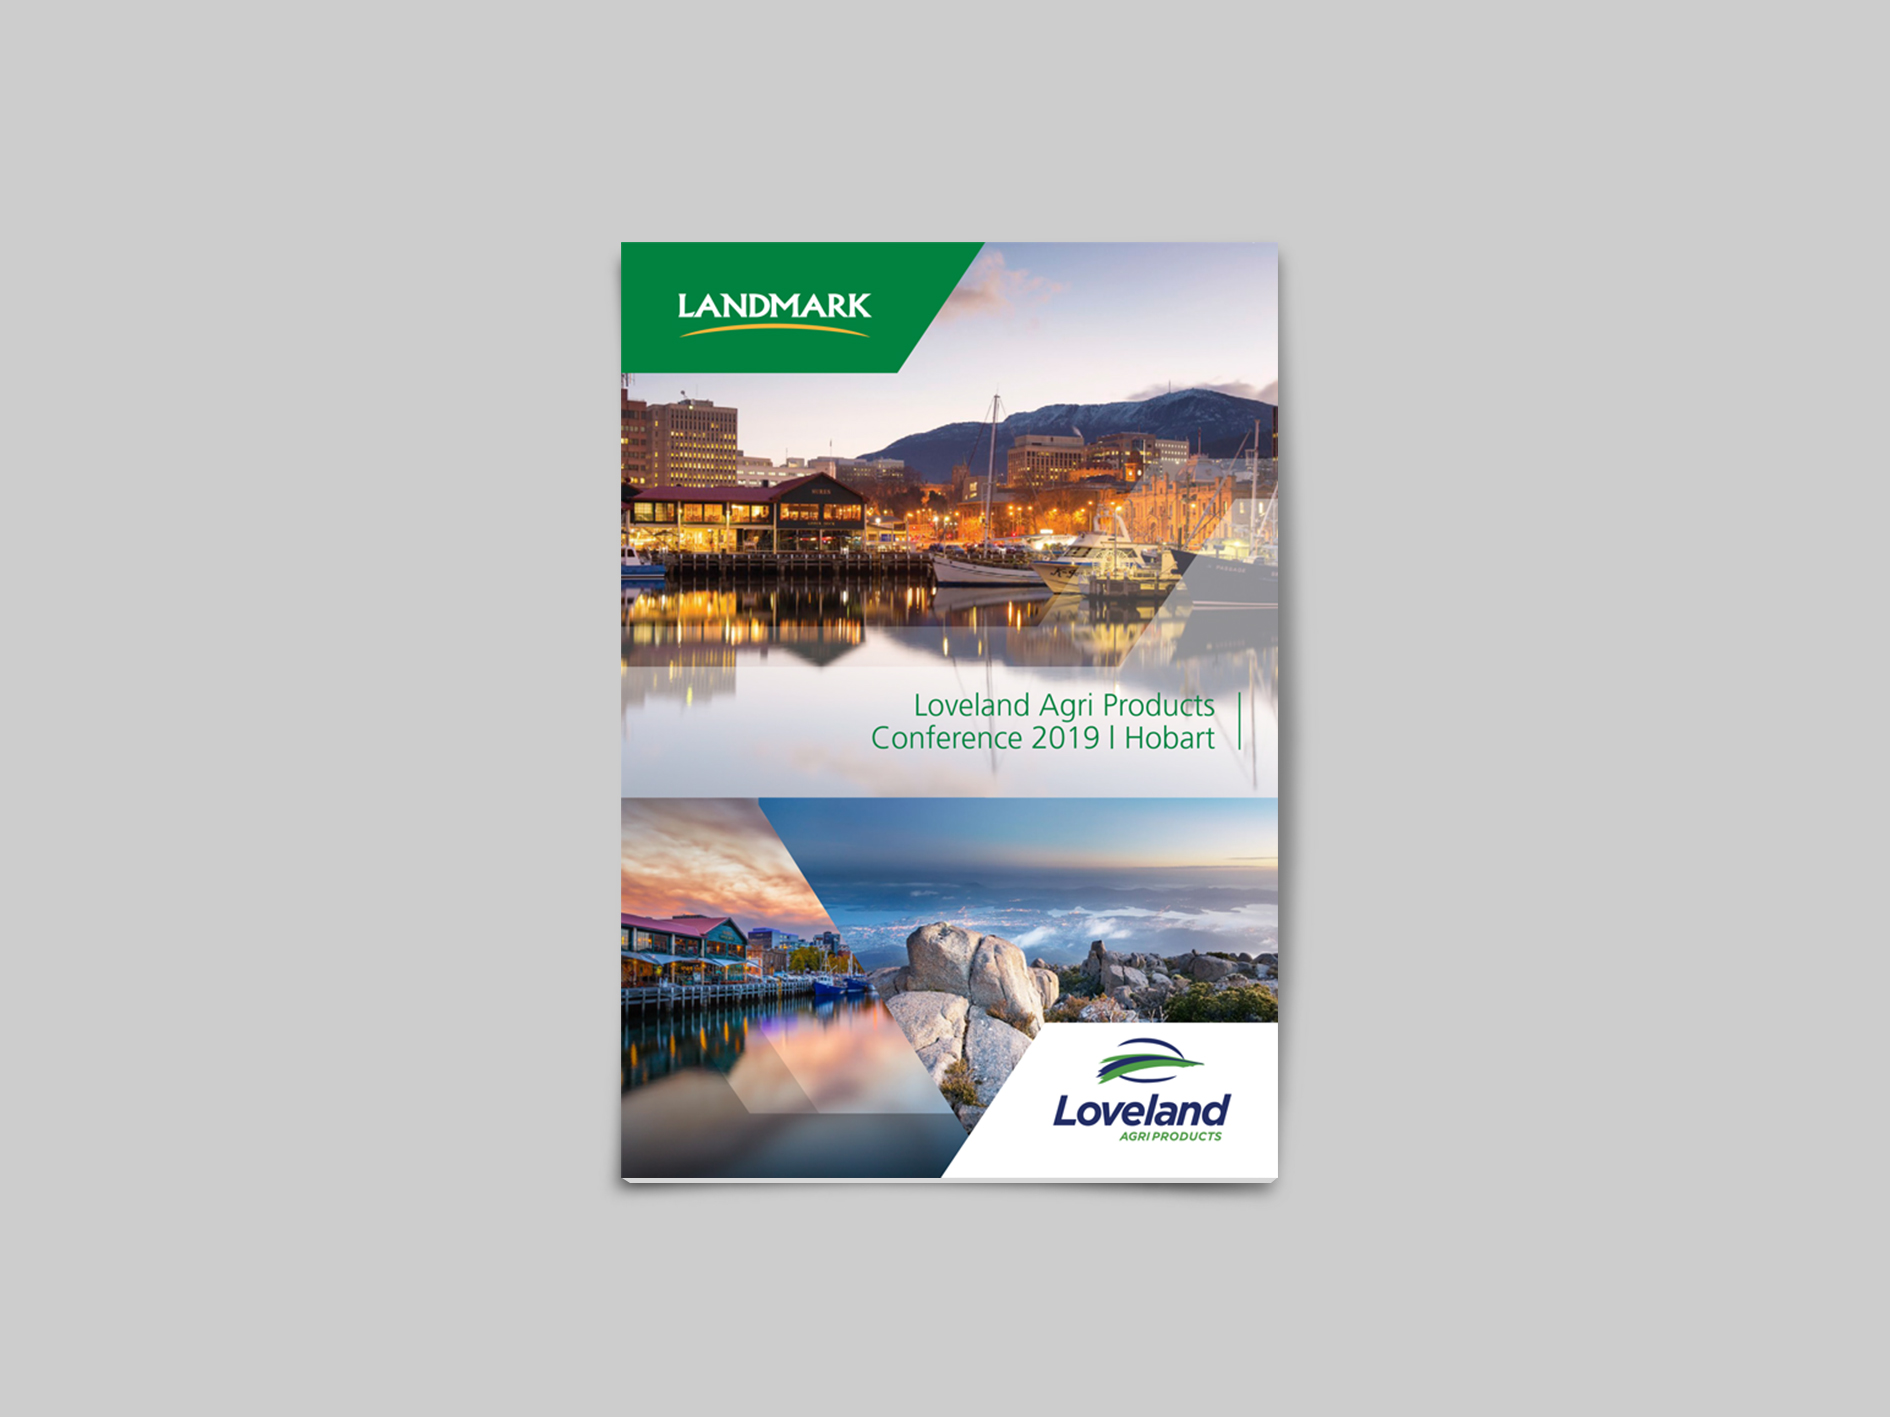 Landmark-1-Front-Cover.jpg